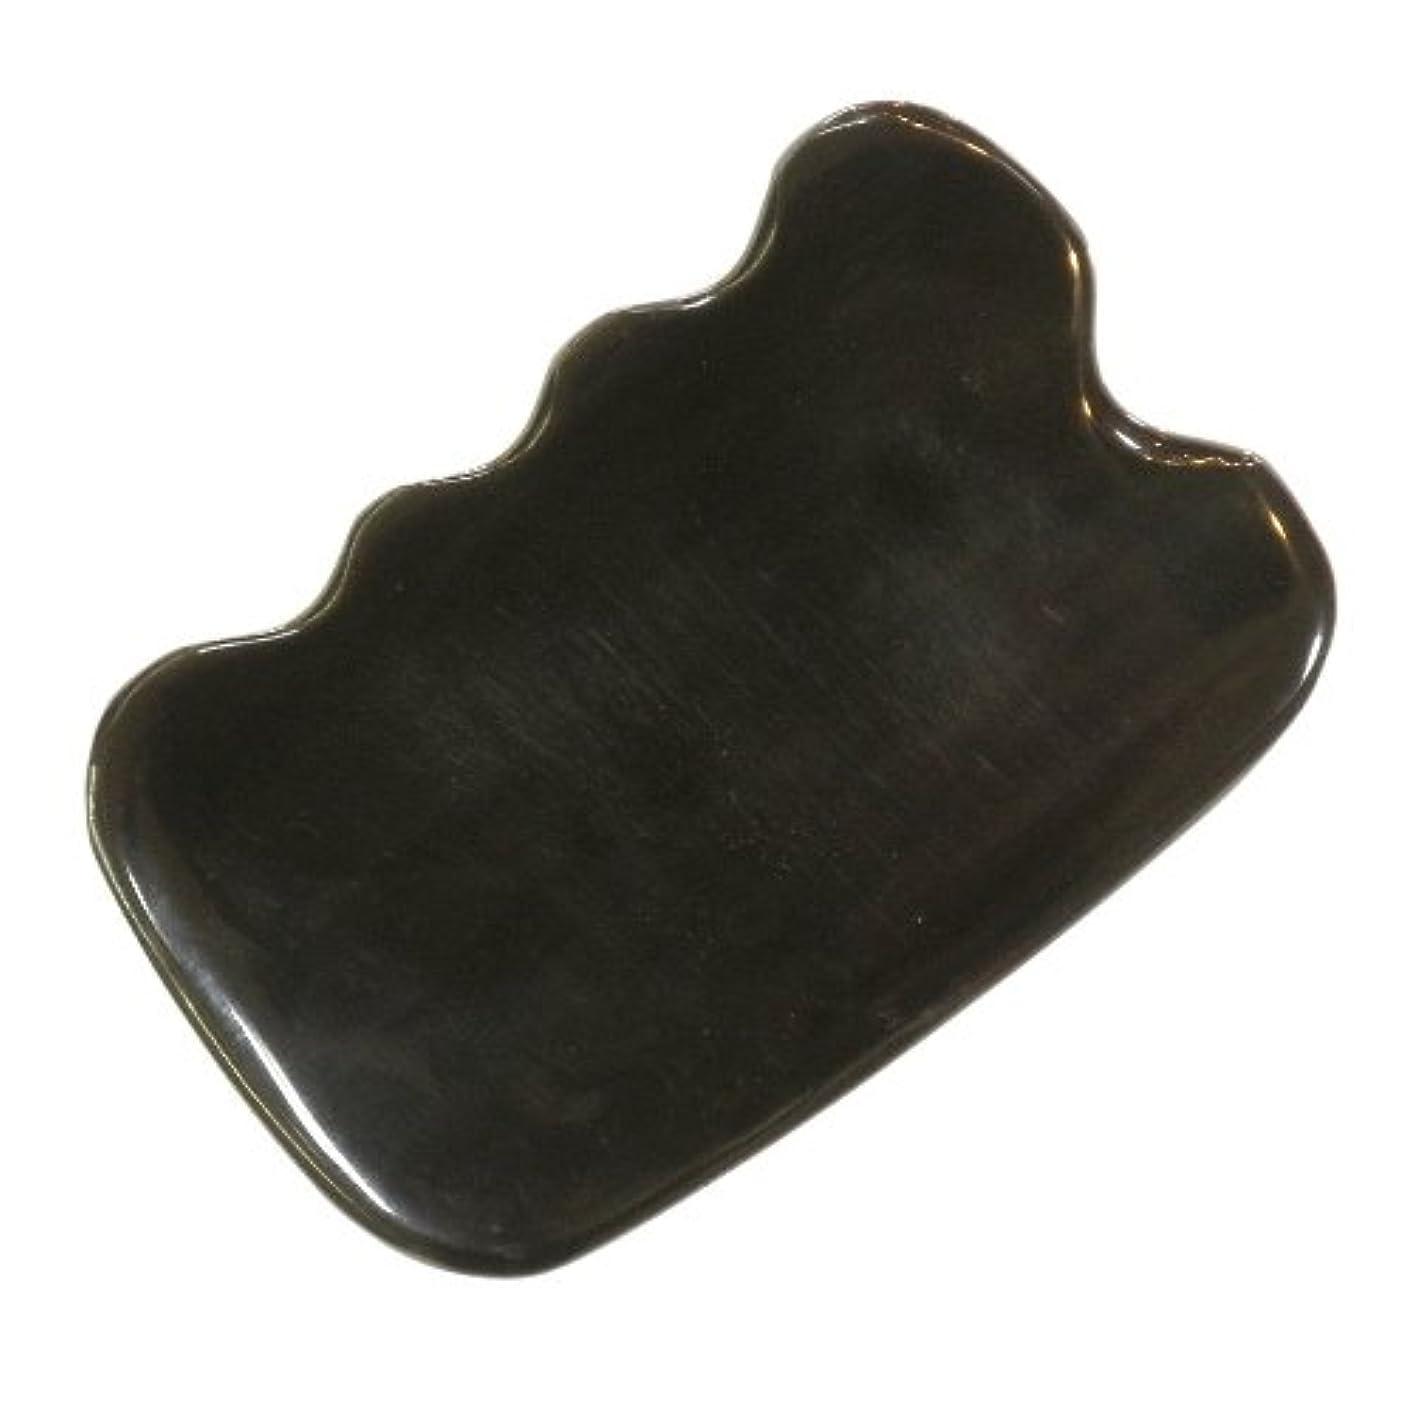 かっさ プレート 厚さが選べる ヤクの角(水牛の角) EHE272SP 四角波大 特級品 標準(6ミリ程度)